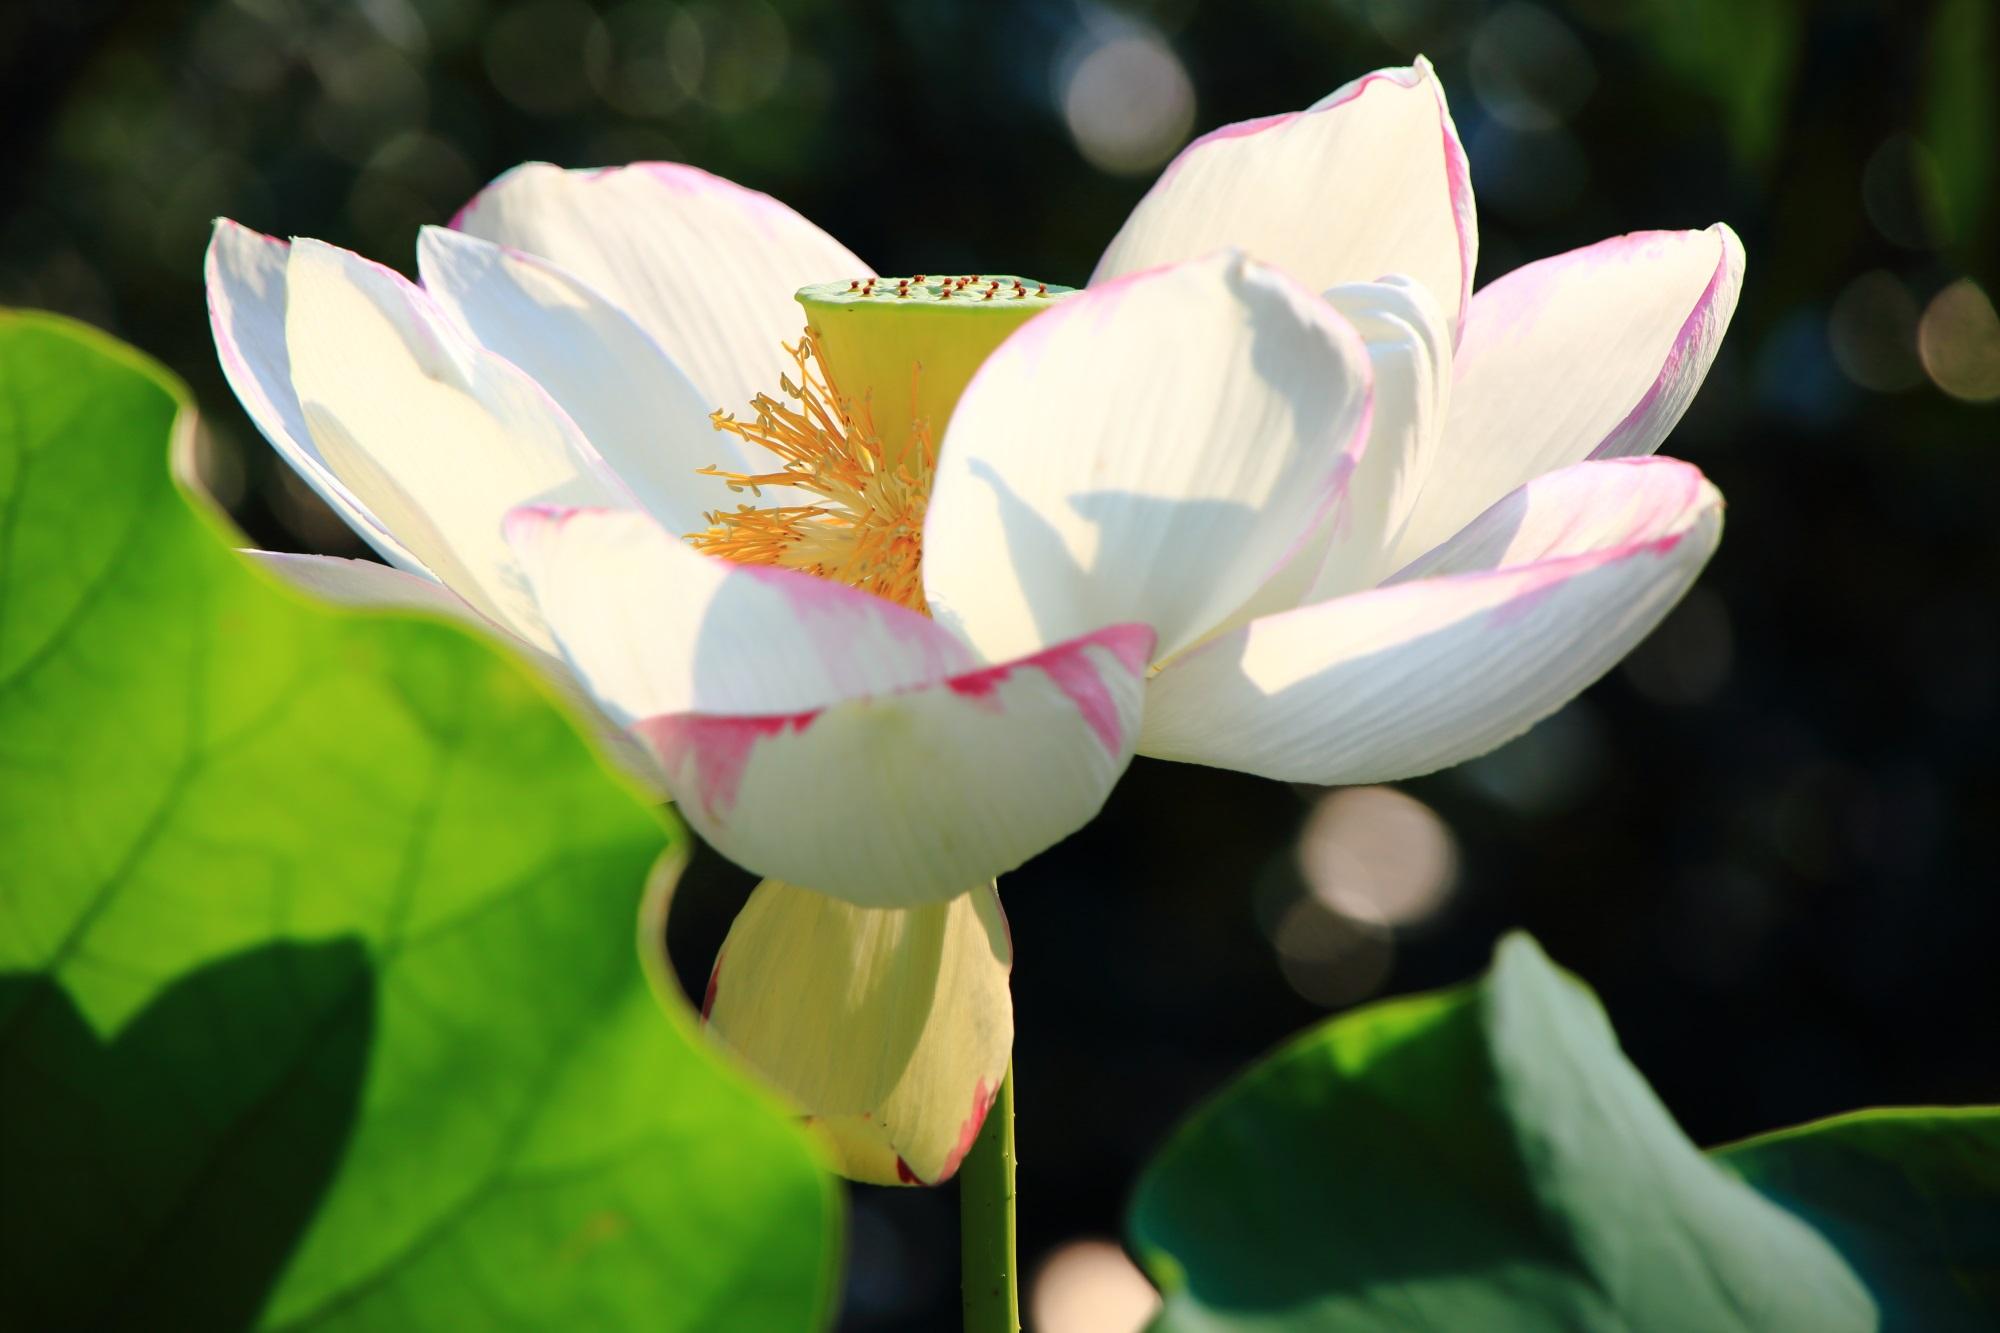 日が差して花びらが透けるような法金剛院のはすの花